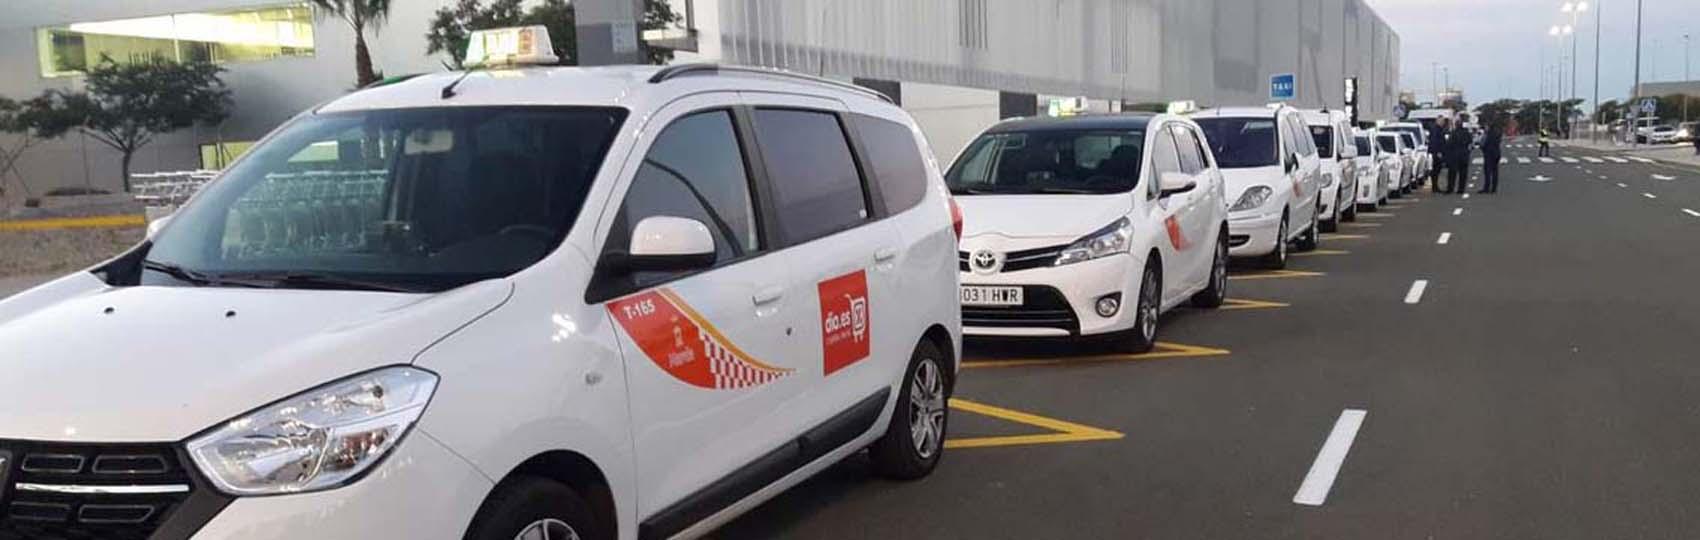 Noticias del sector del taxi y la movilidad en Murcia. Mantente informado de todas las noticias del taxi de Murcia en el grupo de Facebook de Todo Taxi.